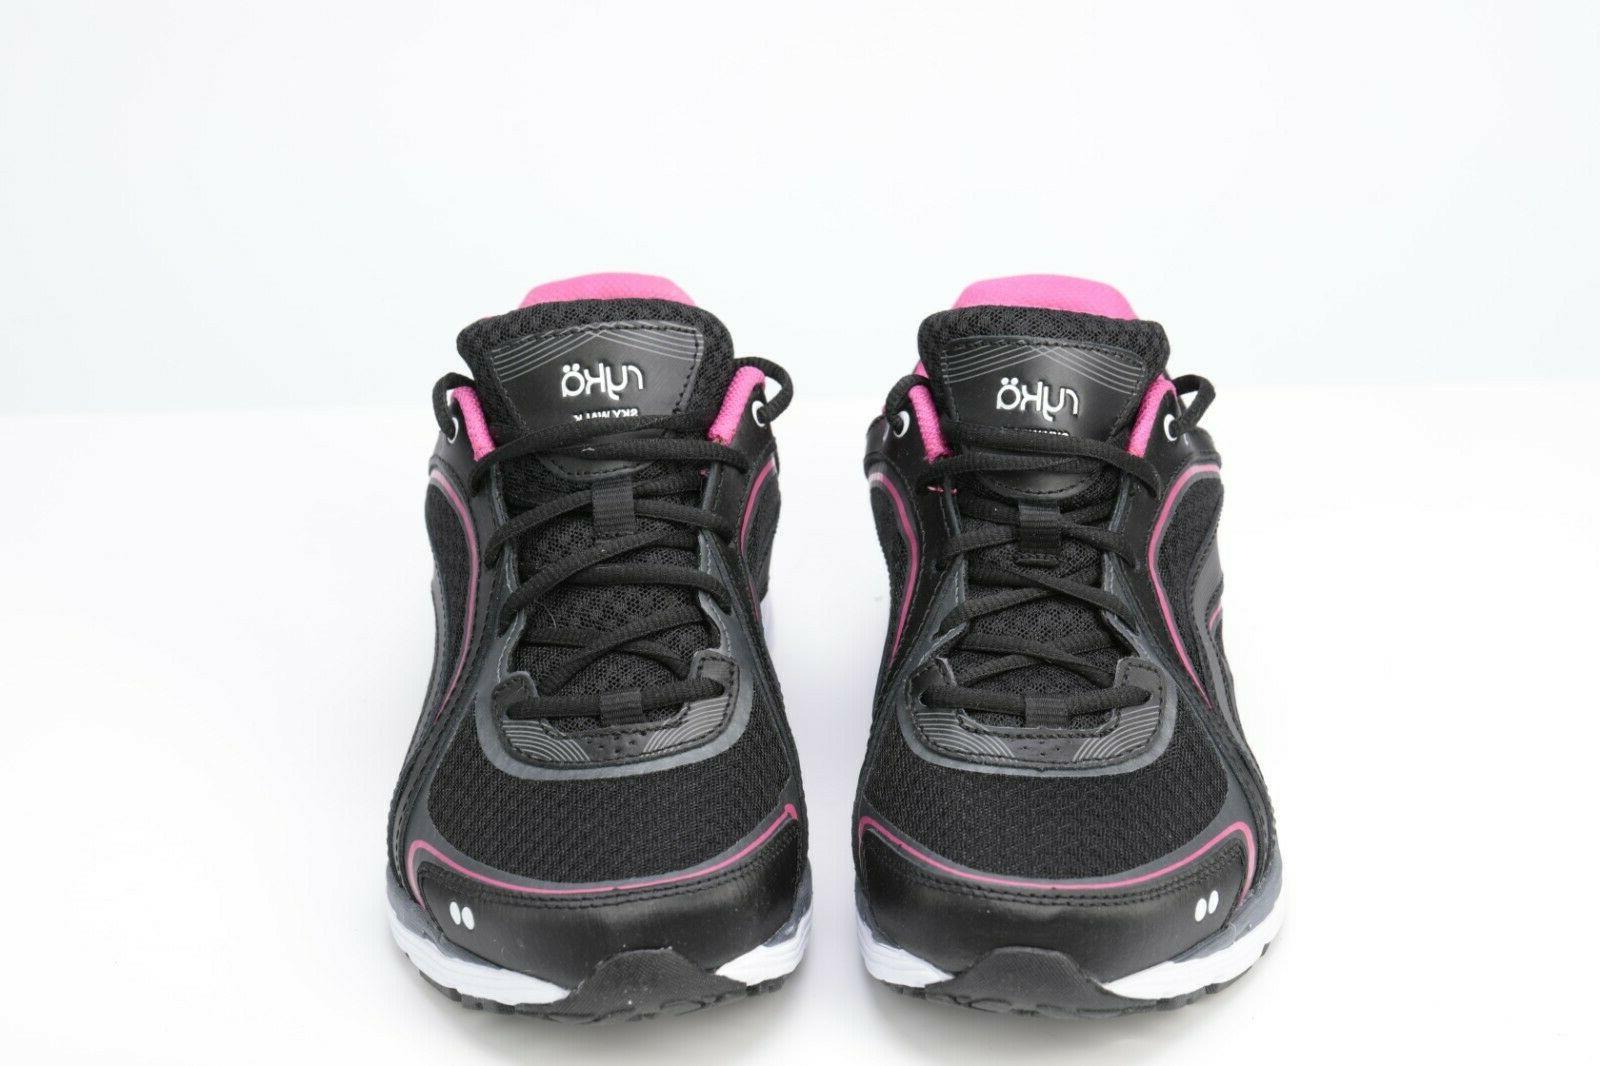 RYKA SKY Walking Shoe, Black/Pink, US